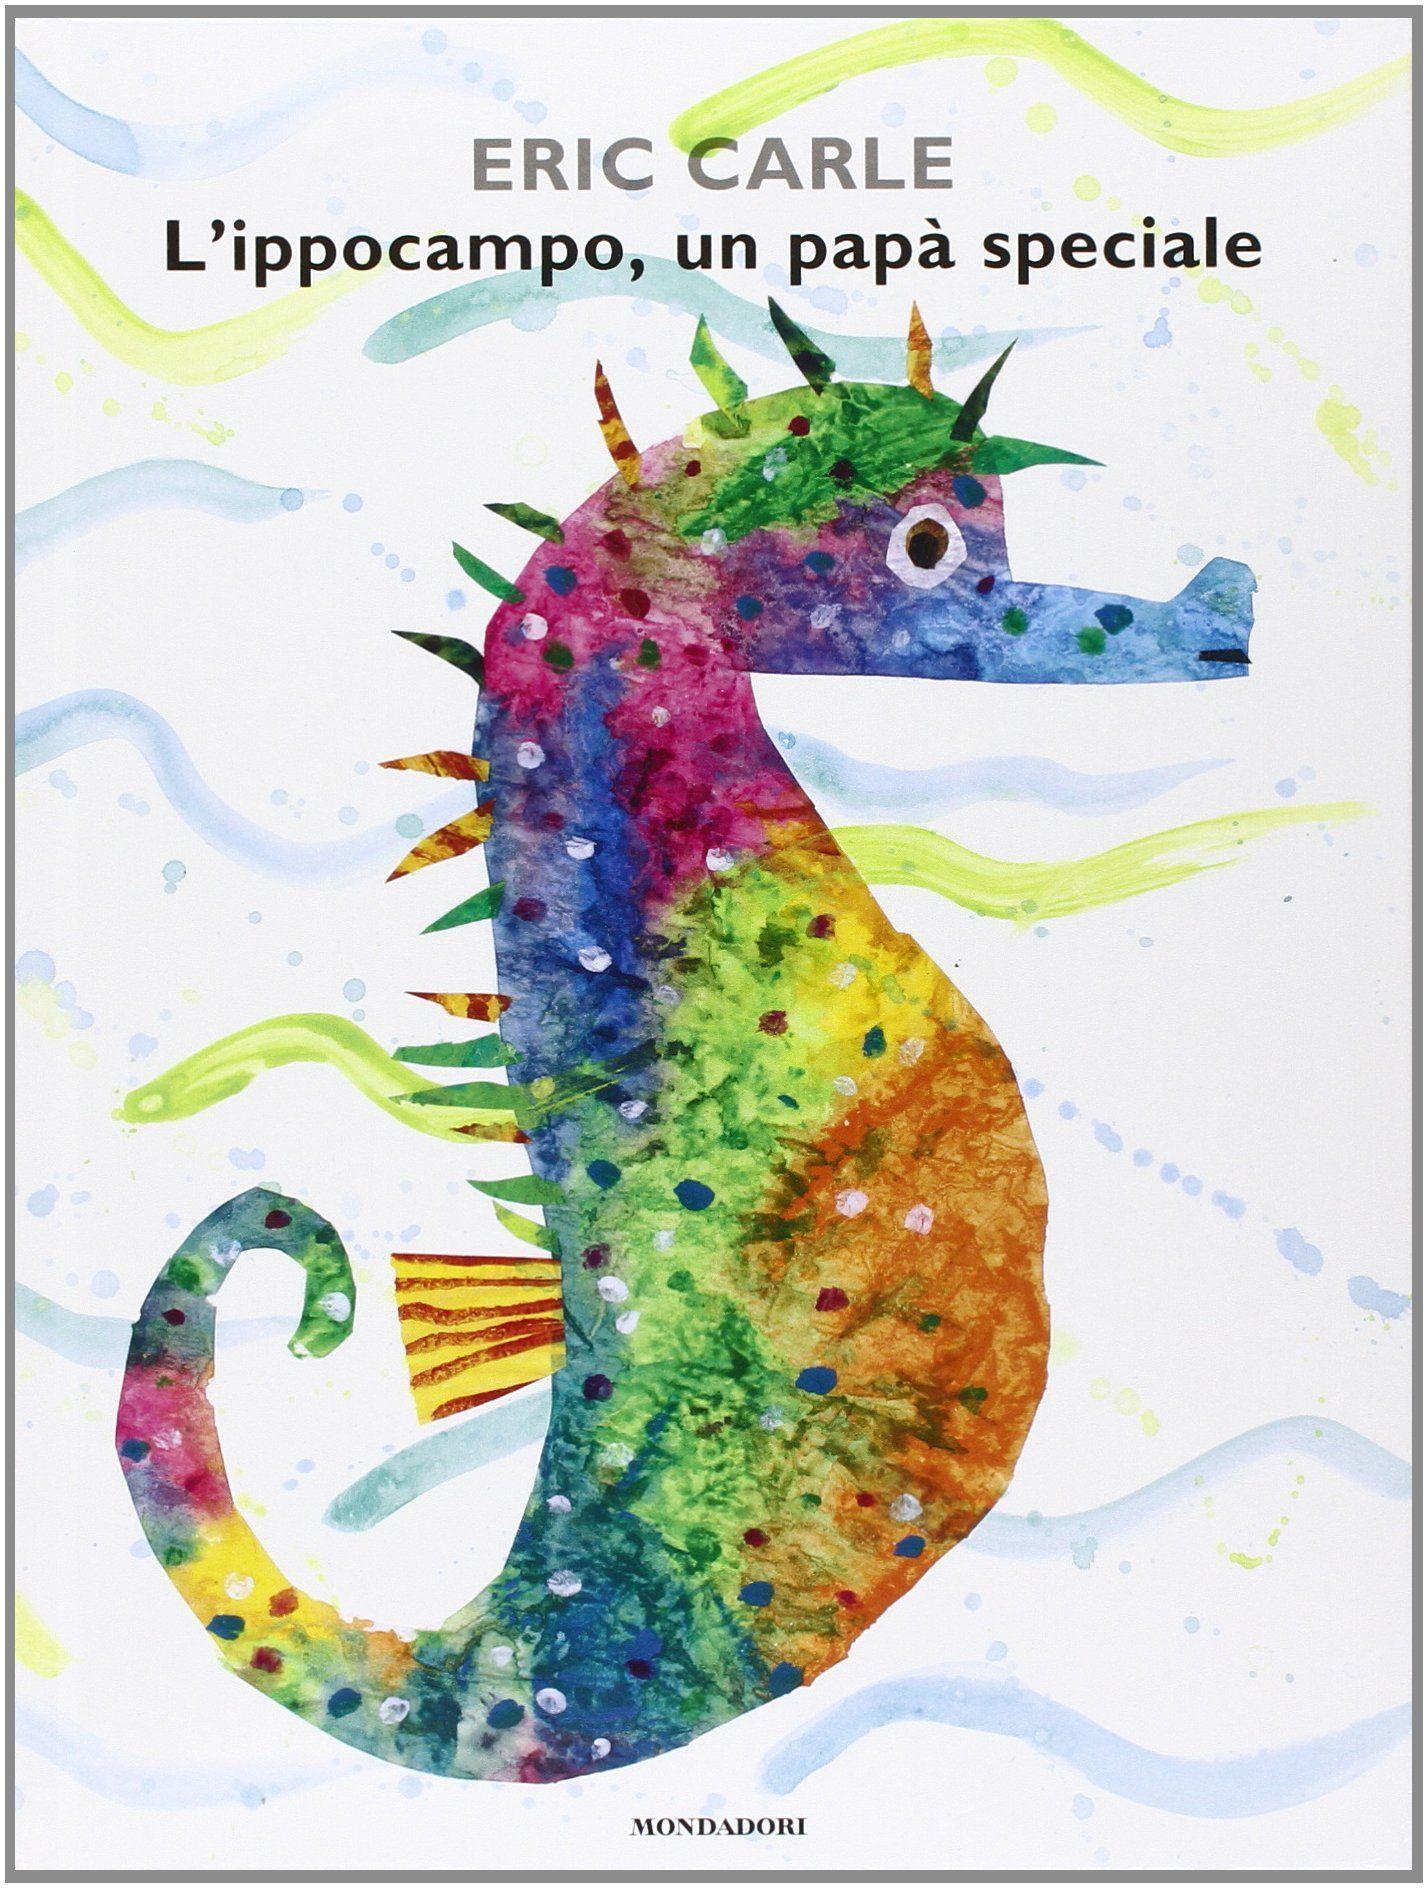 lippocampo un papà speciale cover